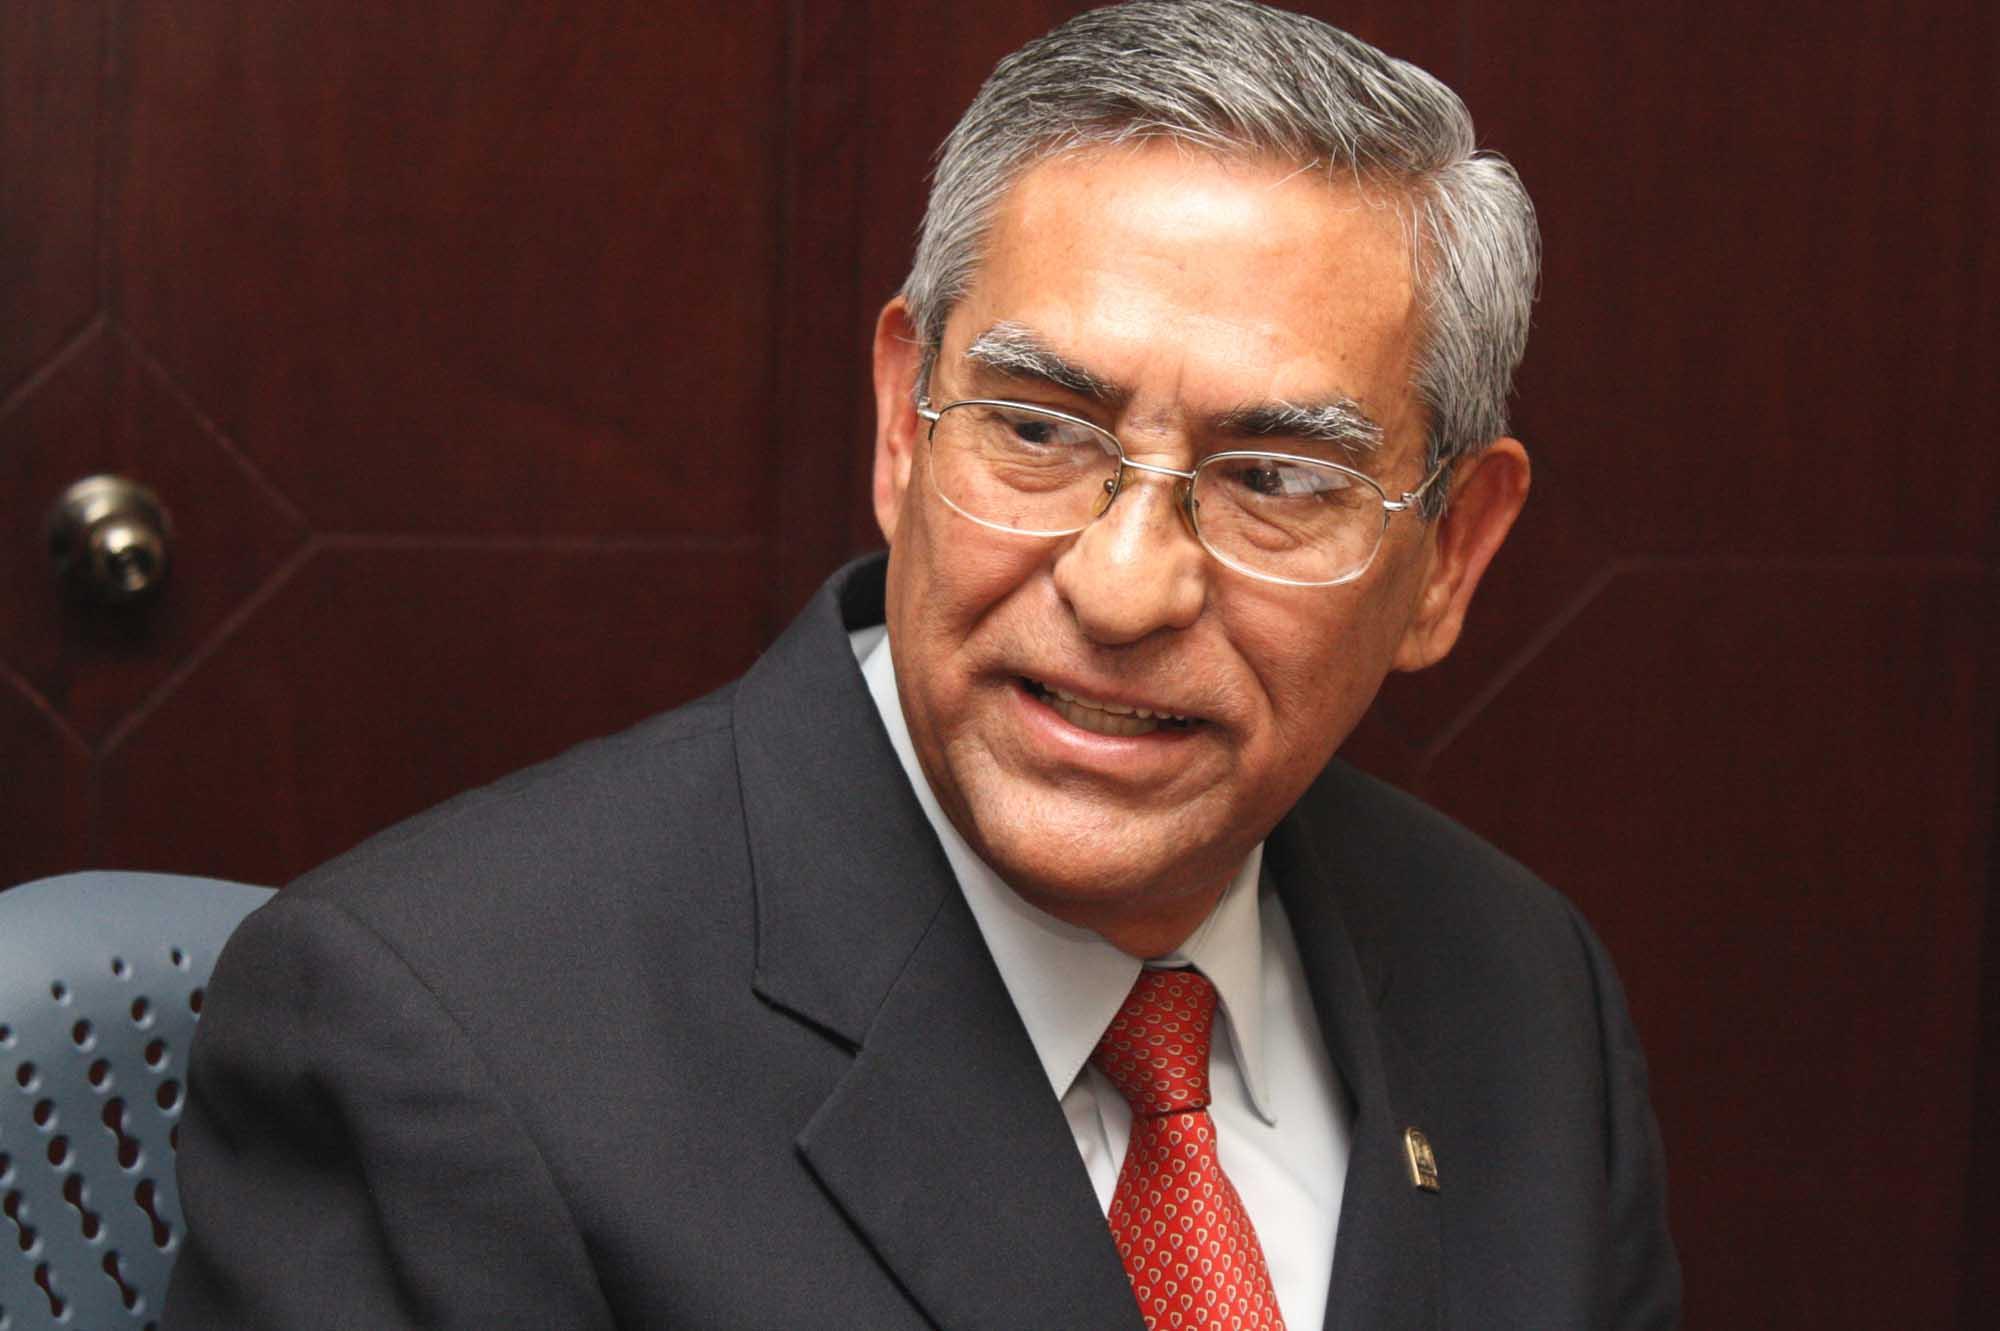 Ricardo Beltrán